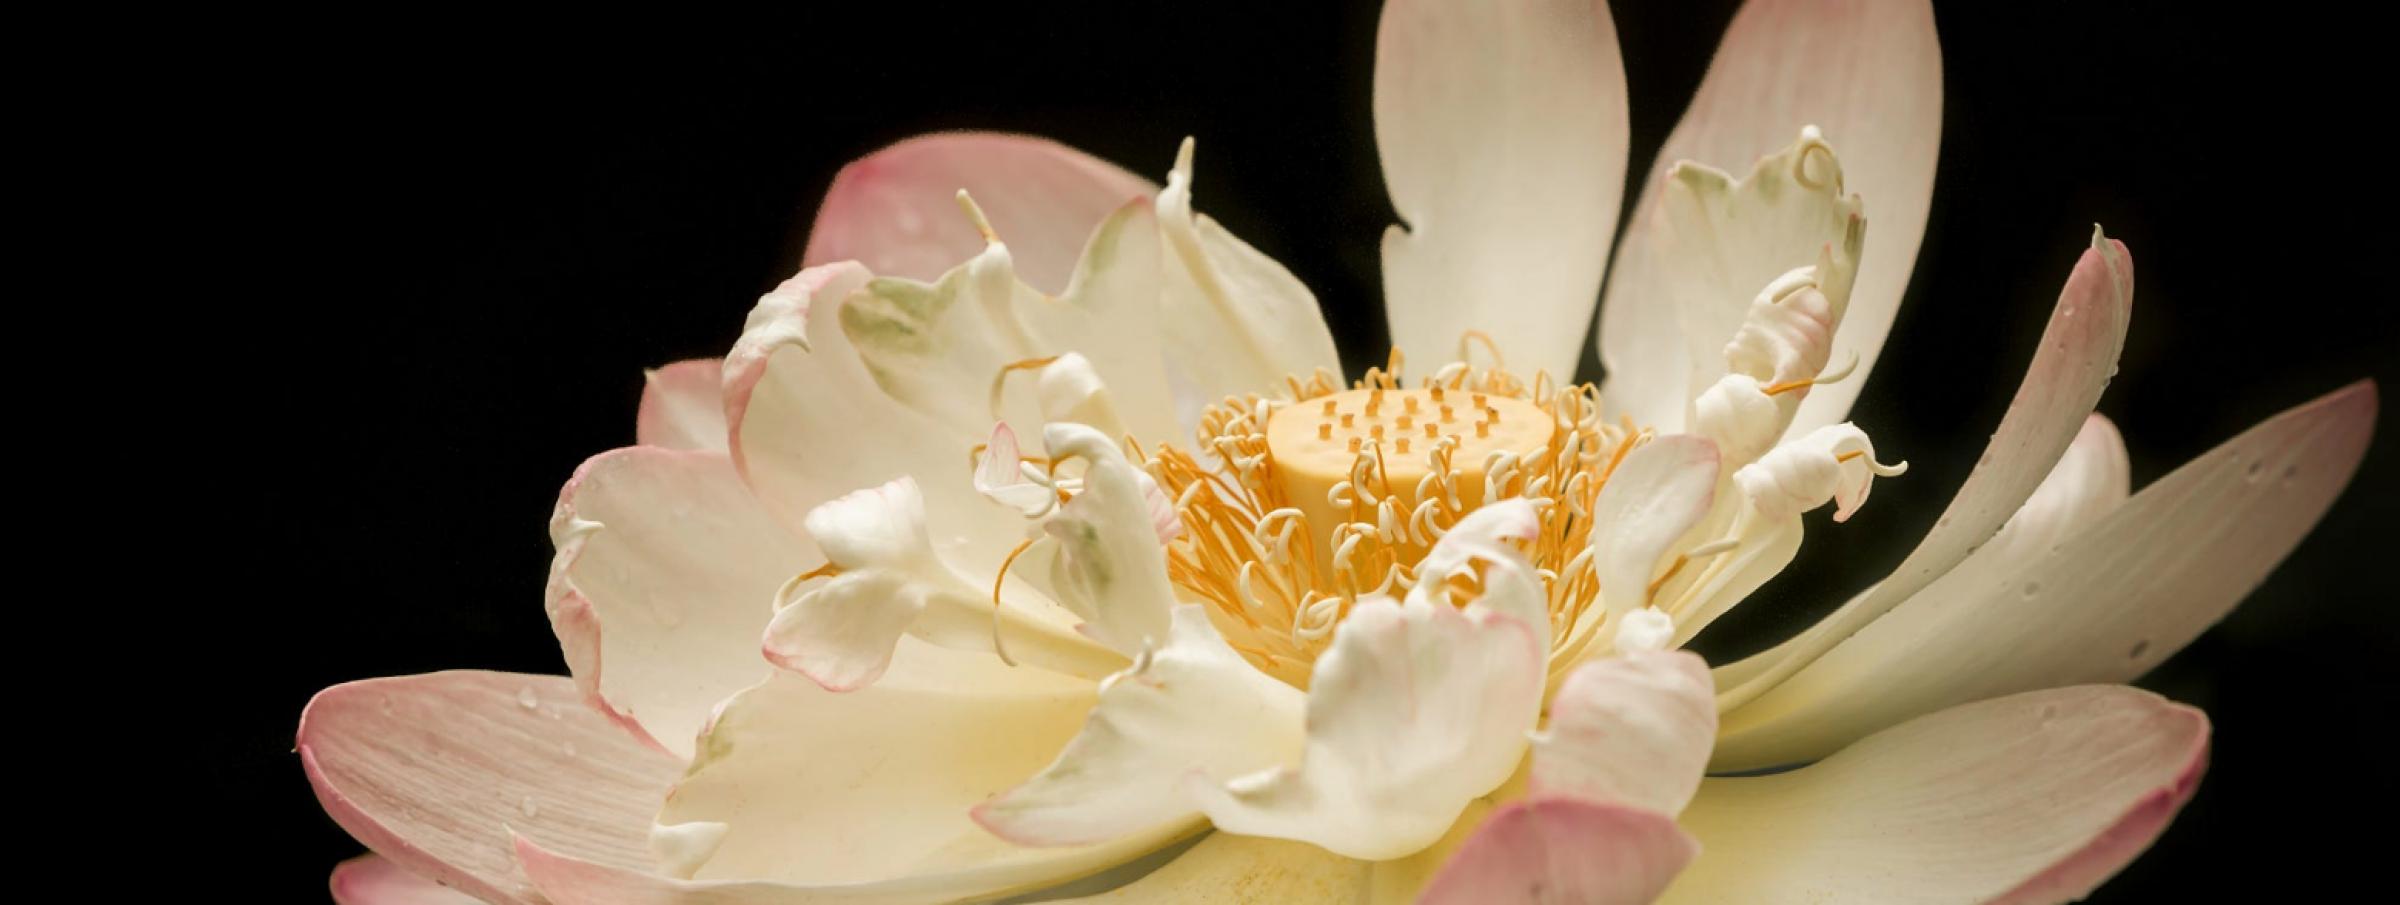 dark and light lotus